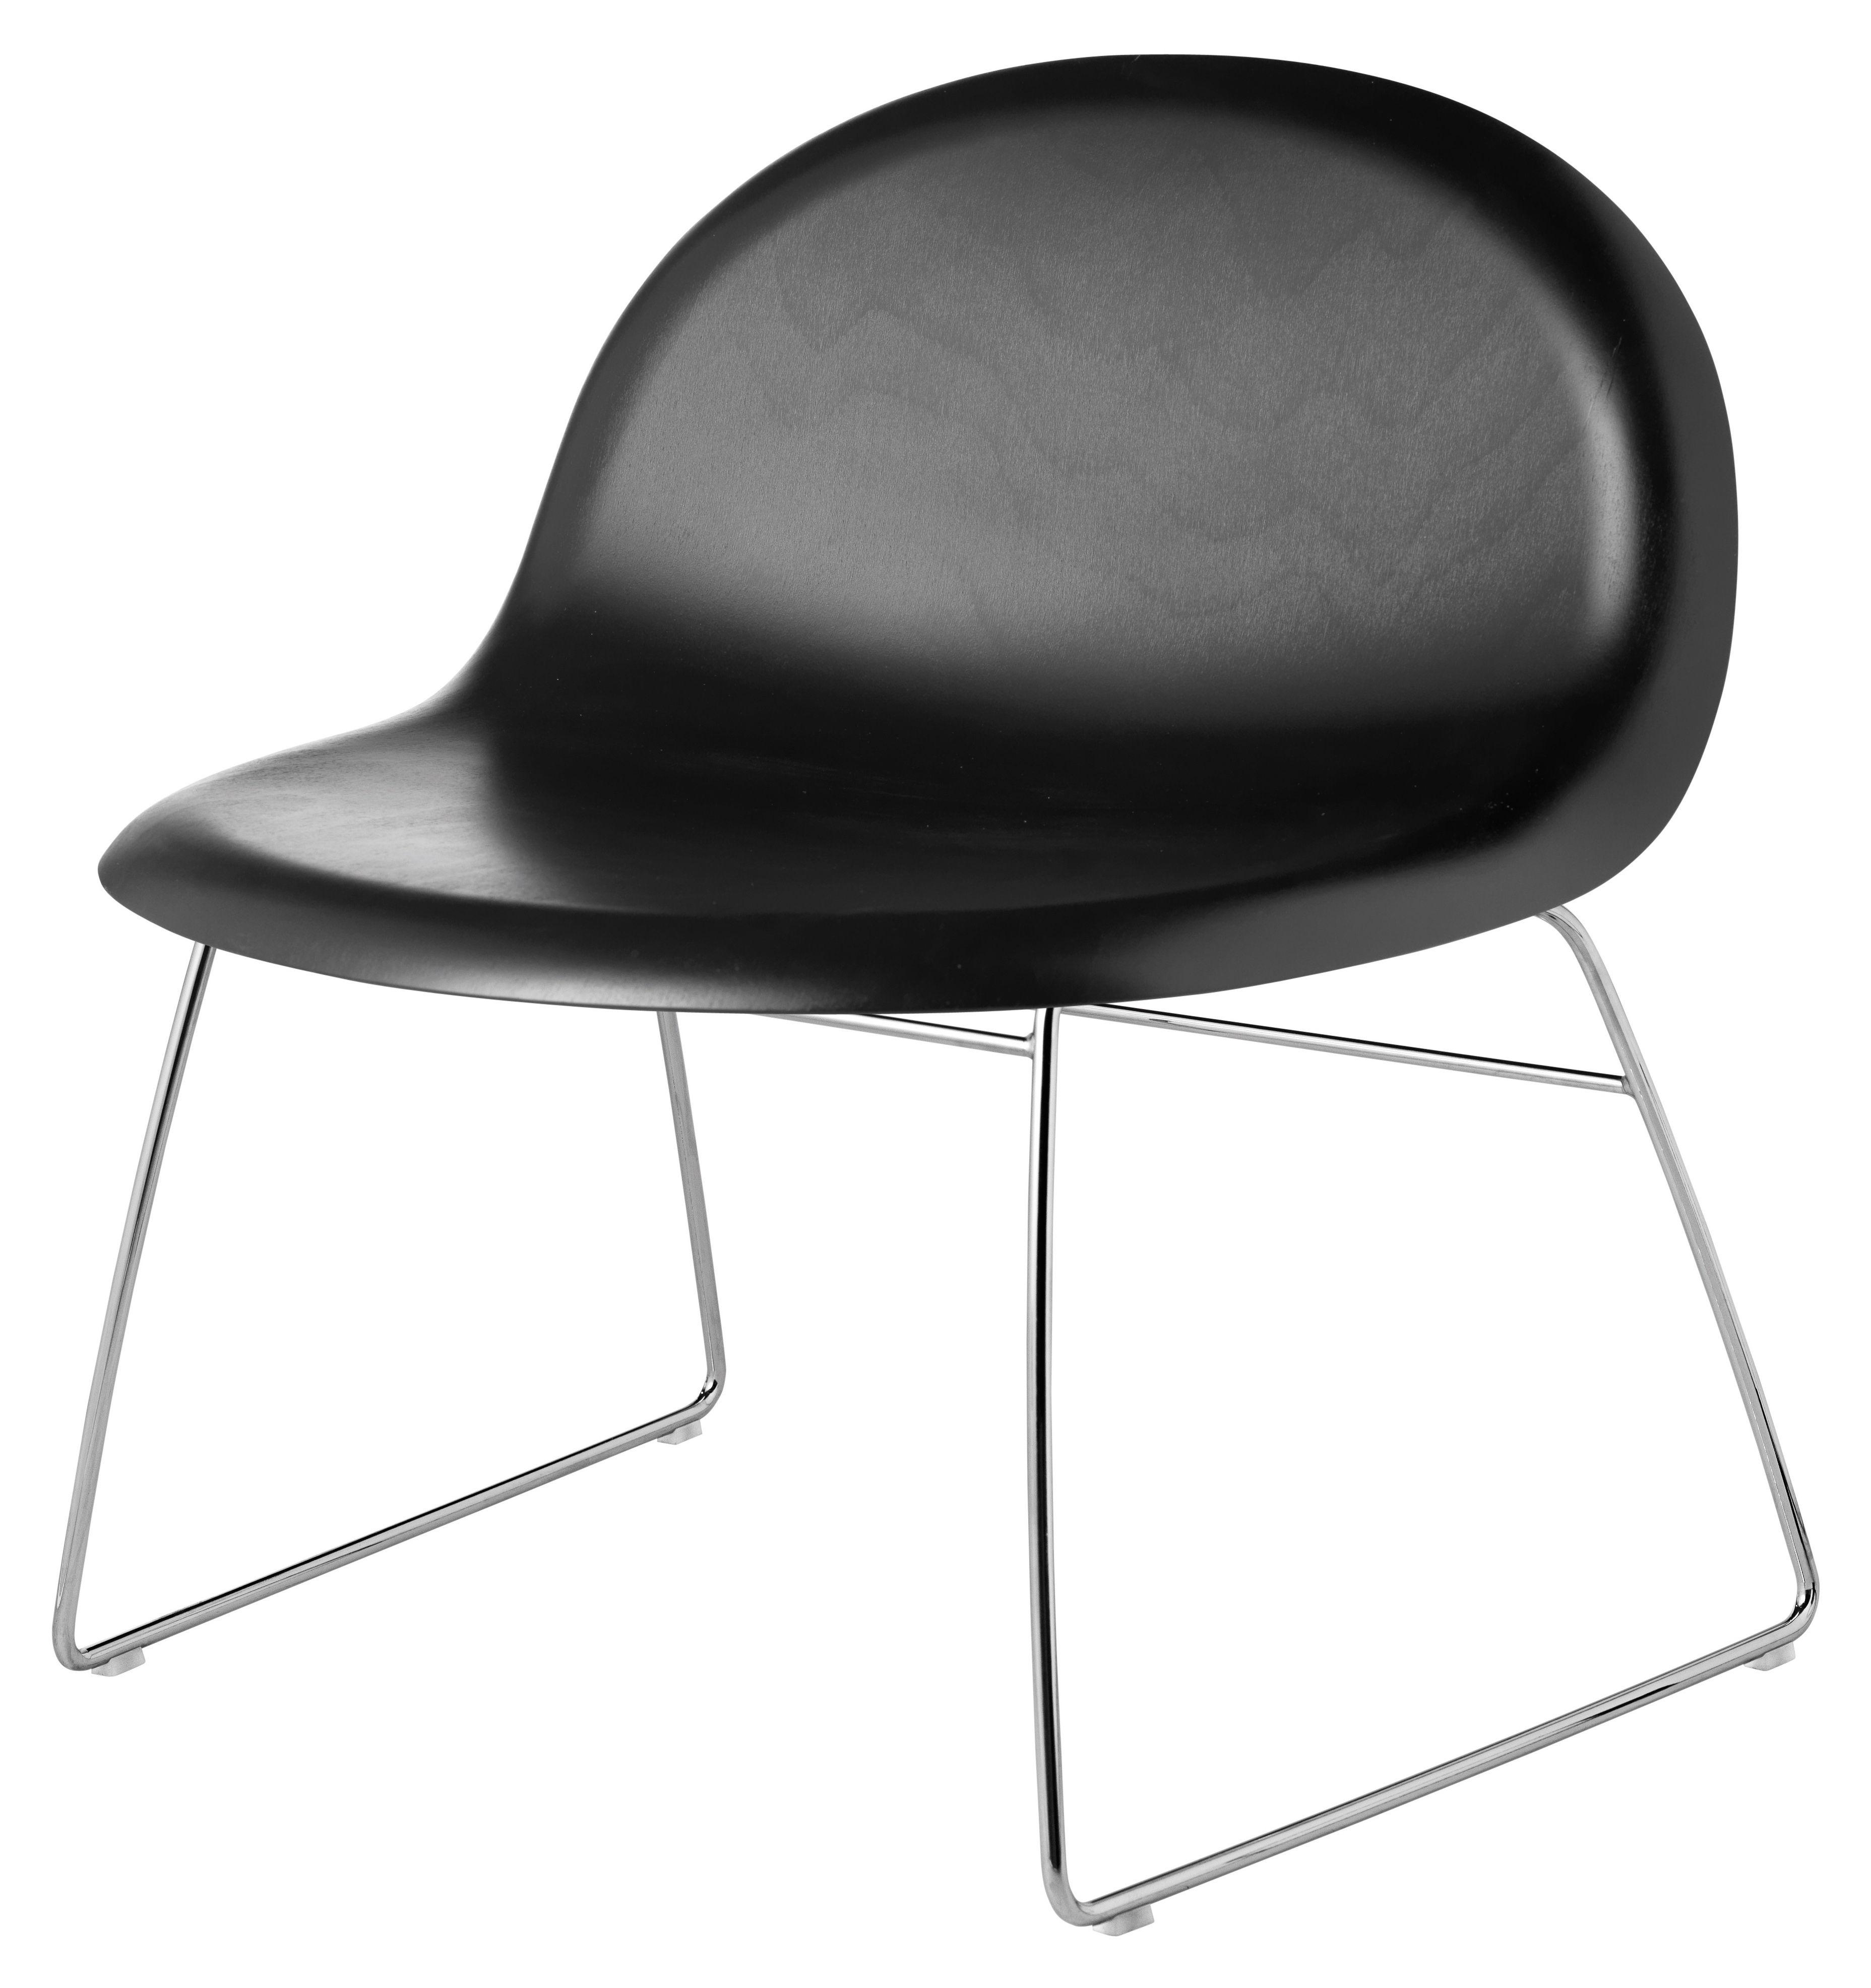 Möbel - Lounge Sessel - 3D Lounge Sessel H 40 cm - Kufengestell - Schale aus gebeizter Buche - Gubi - Schwarz / Gestell verchromt - gefärbte Buche, verchromter Stahl